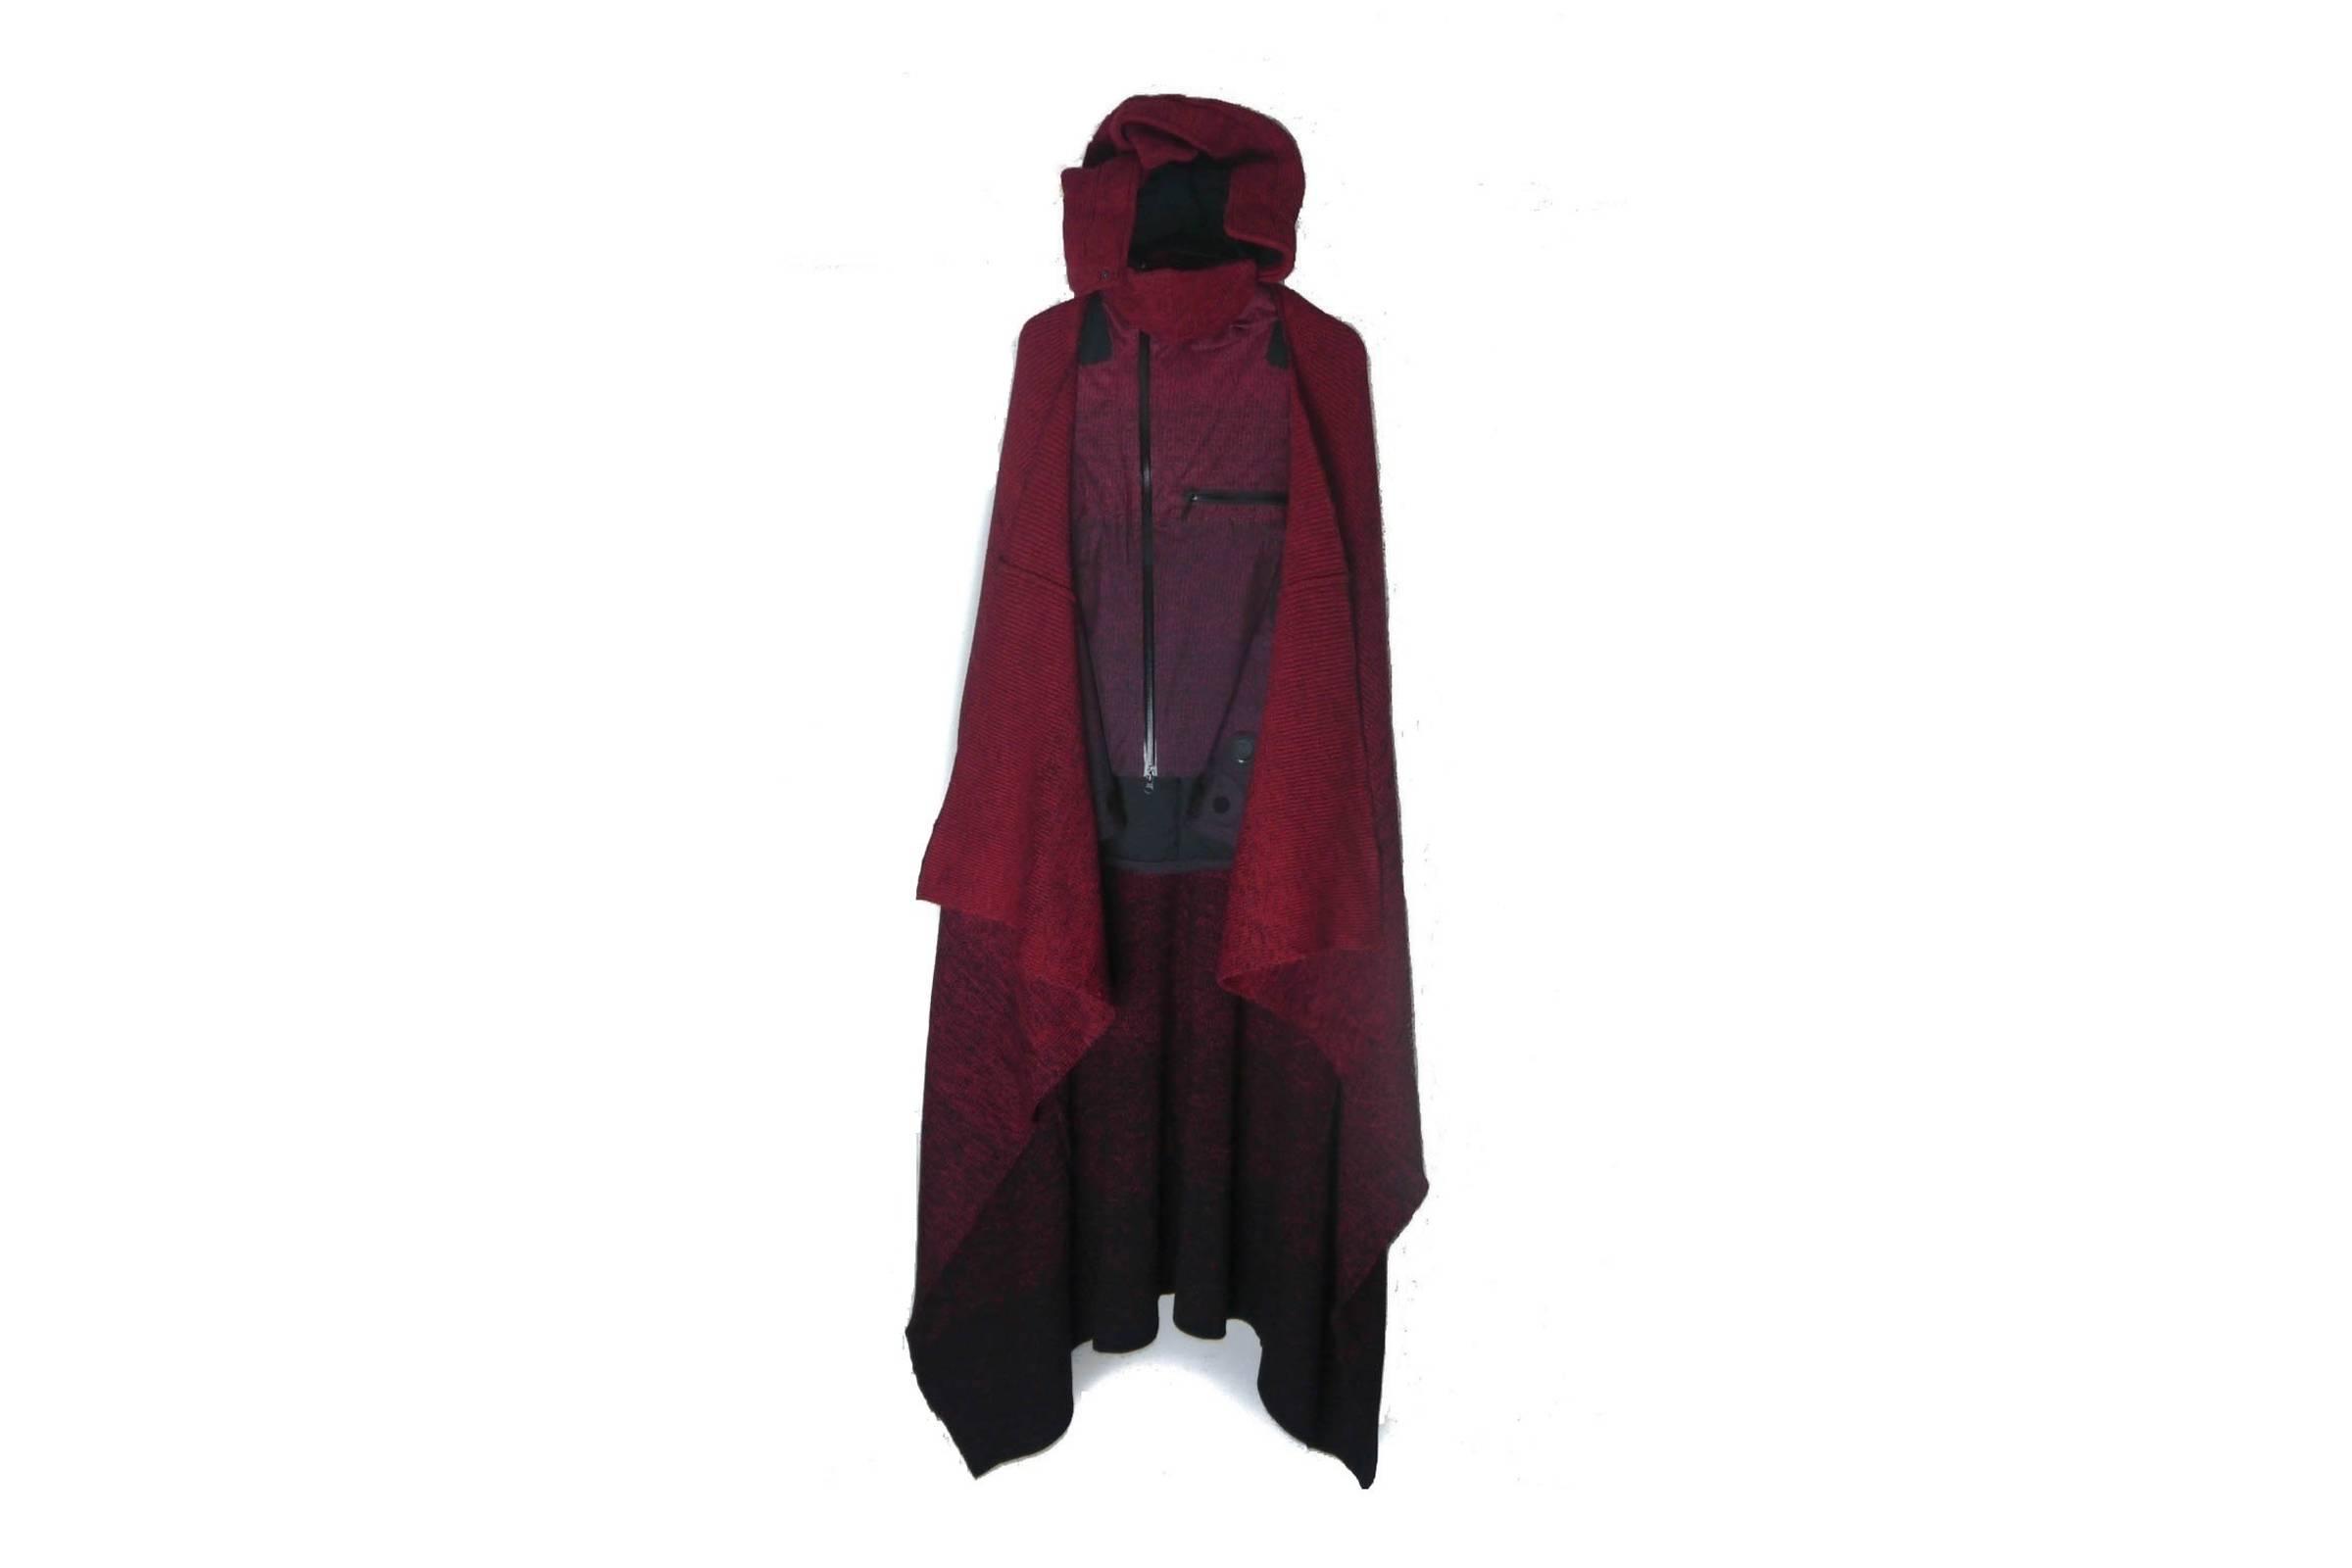 """Undercover Fall/Winter 2009 """"Earmuff Maniac"""" Cloak"""